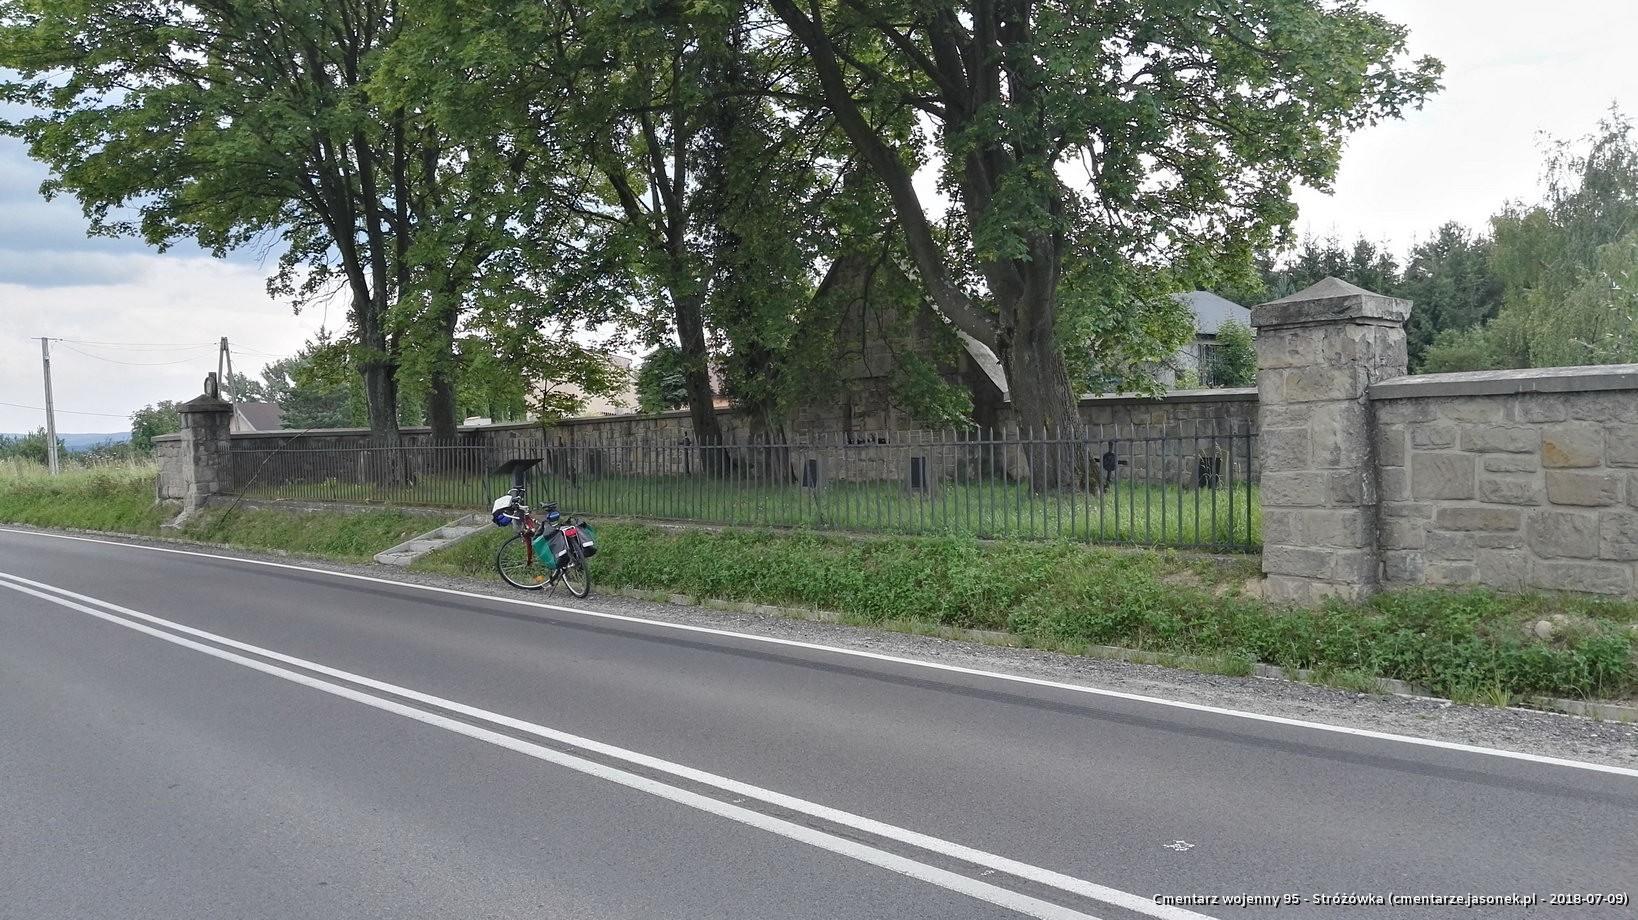 Cmentarz wojenny 95 - Stróżówka